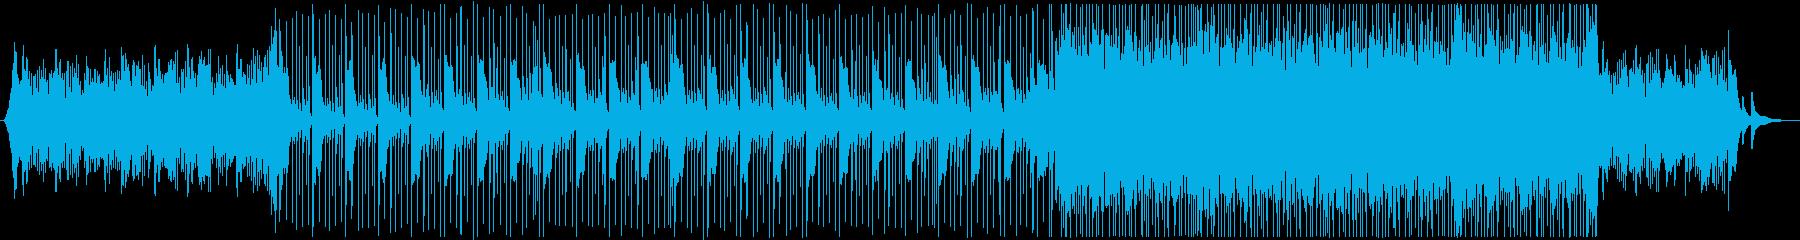 【結婚式に】爽やか・感動的で綺麗なBGMの再生済みの波形